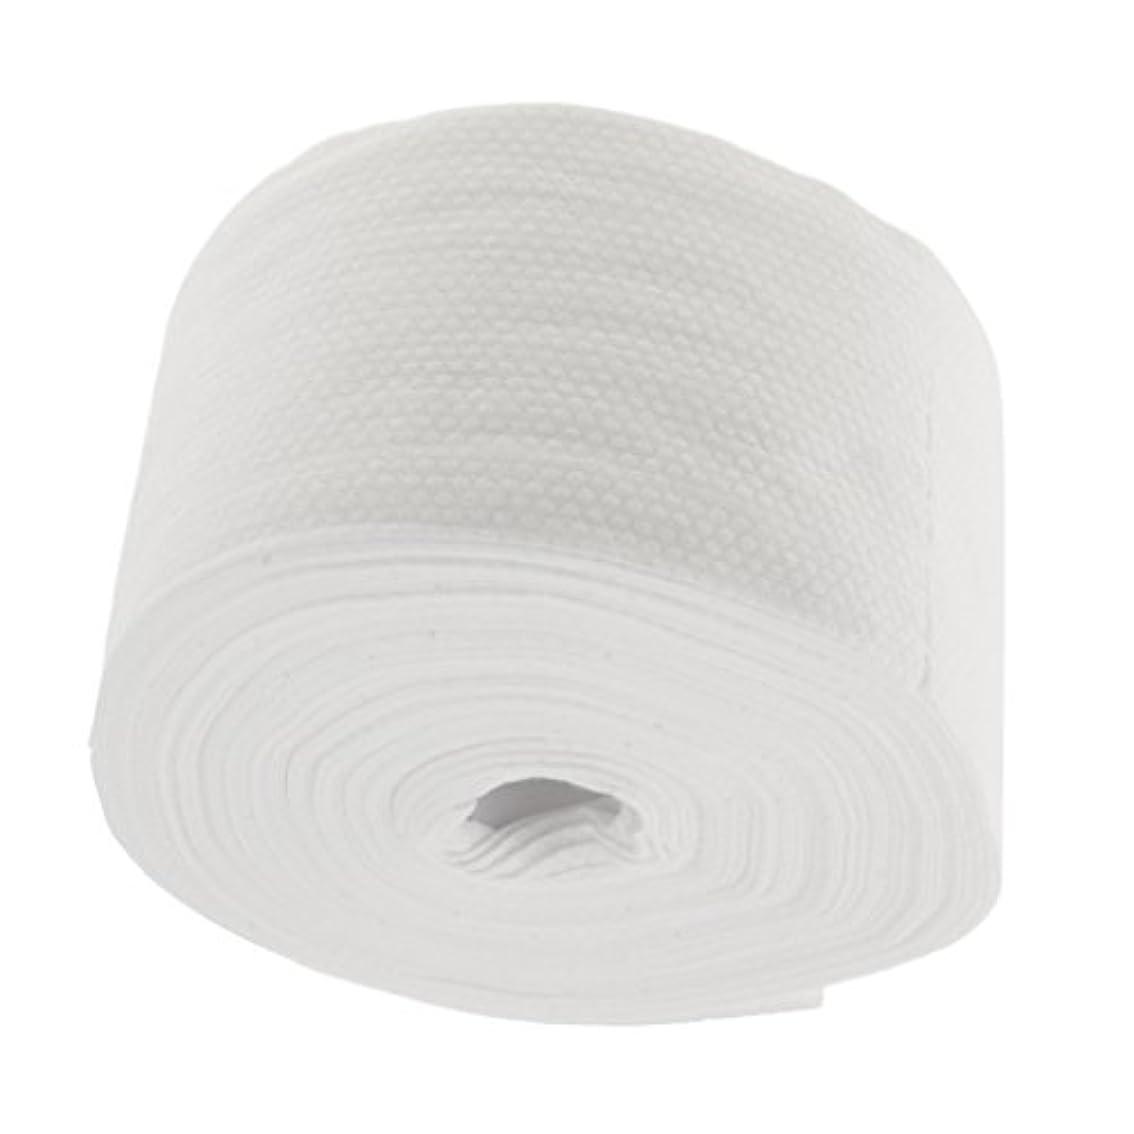 微弱縮約自明ロール式 使い捨て 洗顔タオル 使い捨てタオル 30M コットン 繊維 メイクリムーバー 快適 - #2